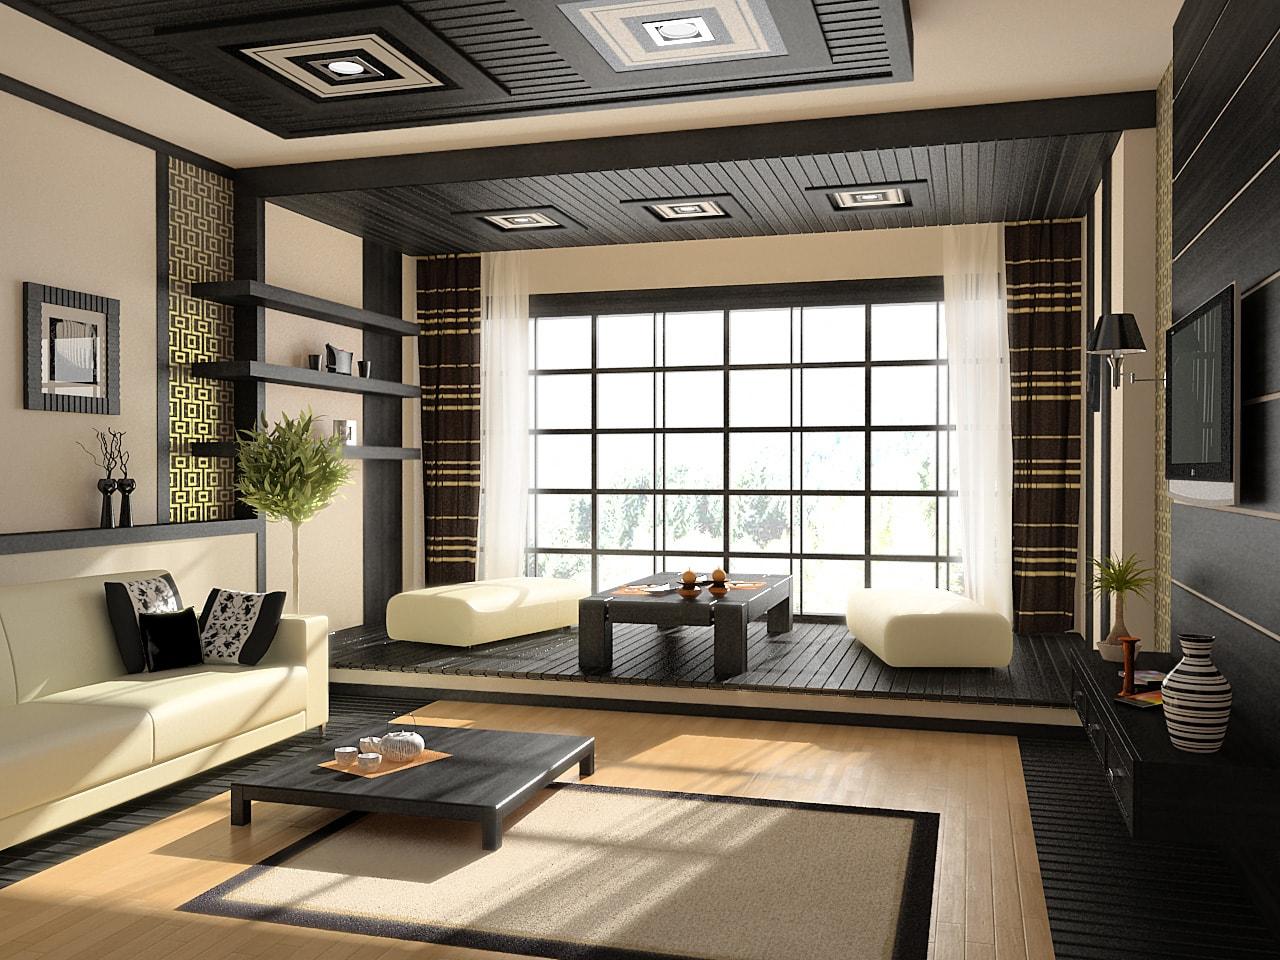 Небольшая по высоте мебель подойдет для помещений с низкими потолками